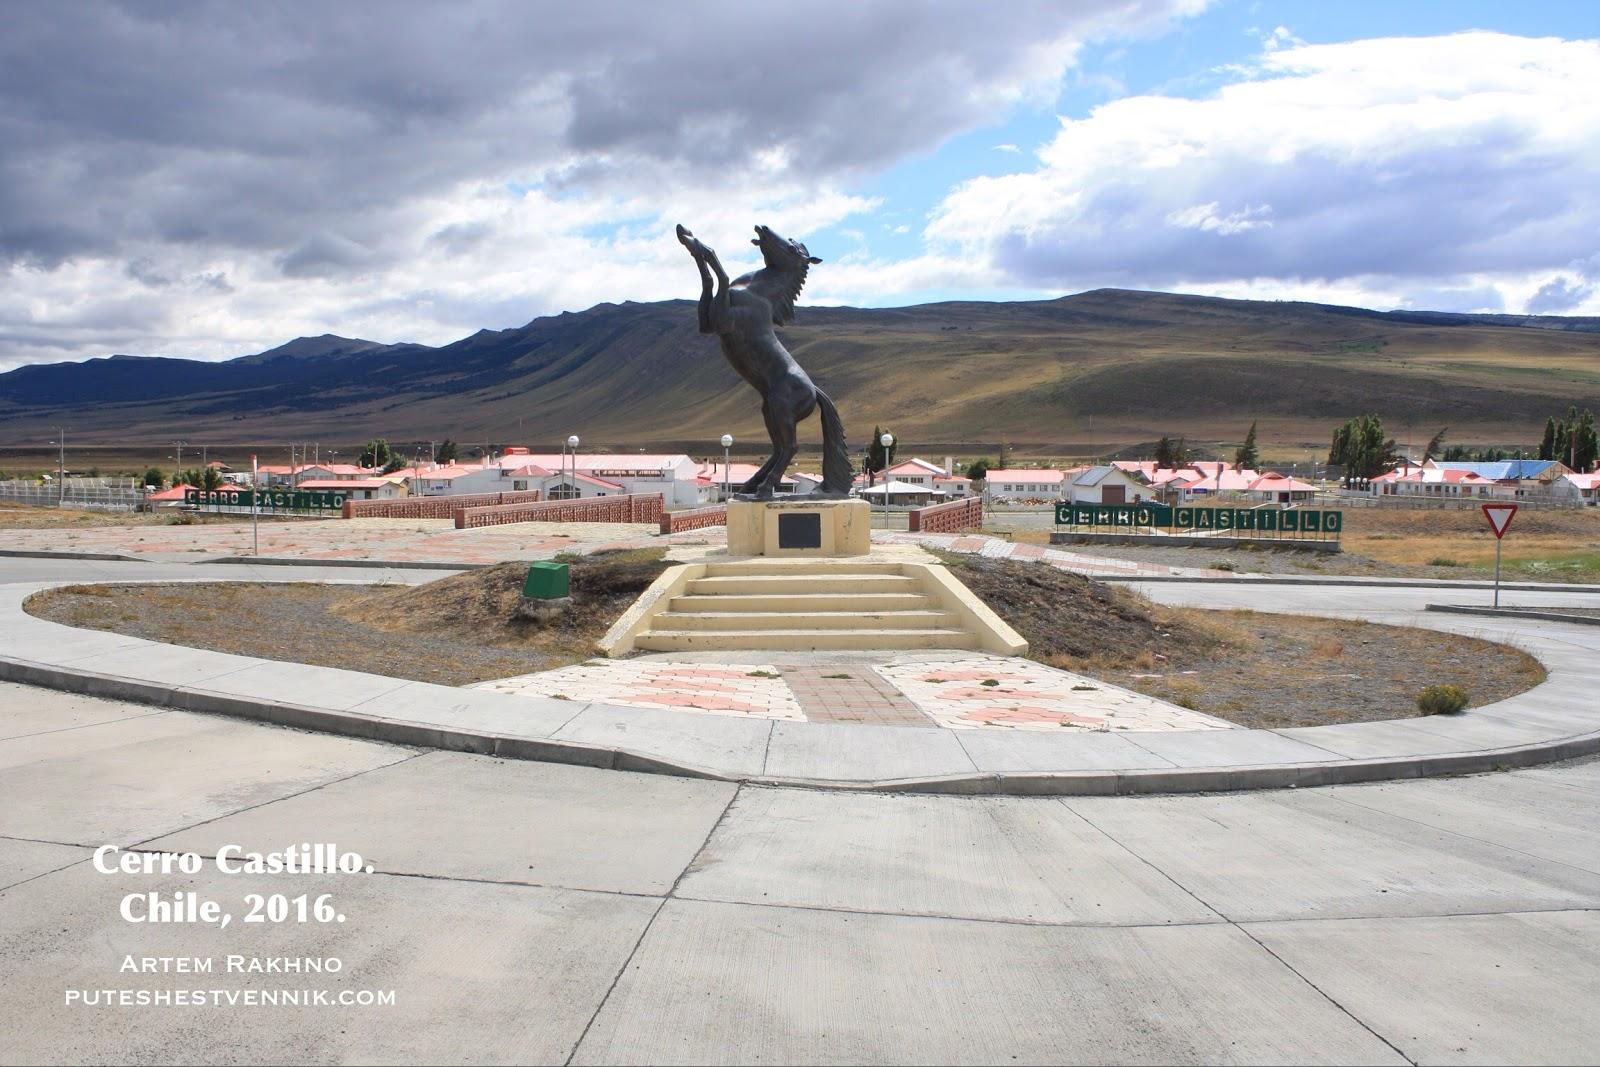 Памятник лошади в Серро-Кастильо